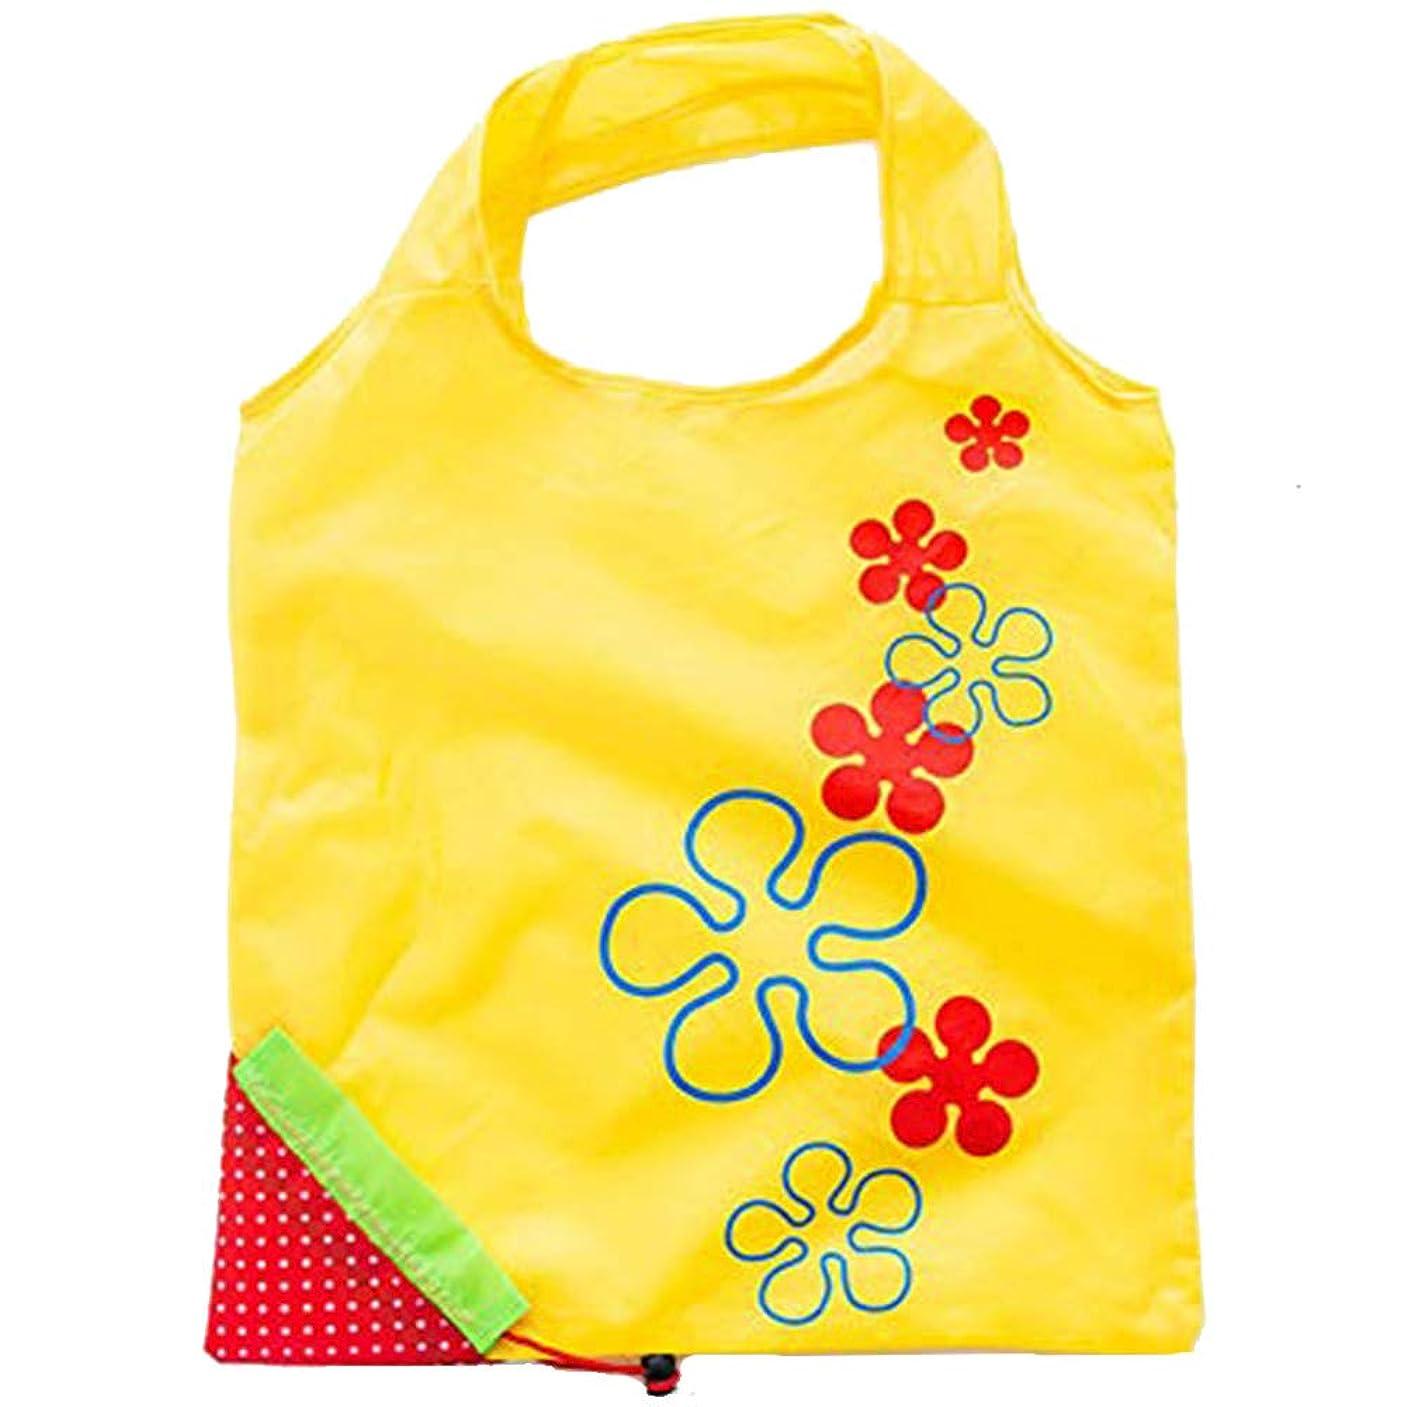 歩き回る朝の体操をする縫い目エコバッグ 買い物バッグ 買い物袋 折り畳み防水エコバッグ 小物収納 軽量 コンパクト 大容量